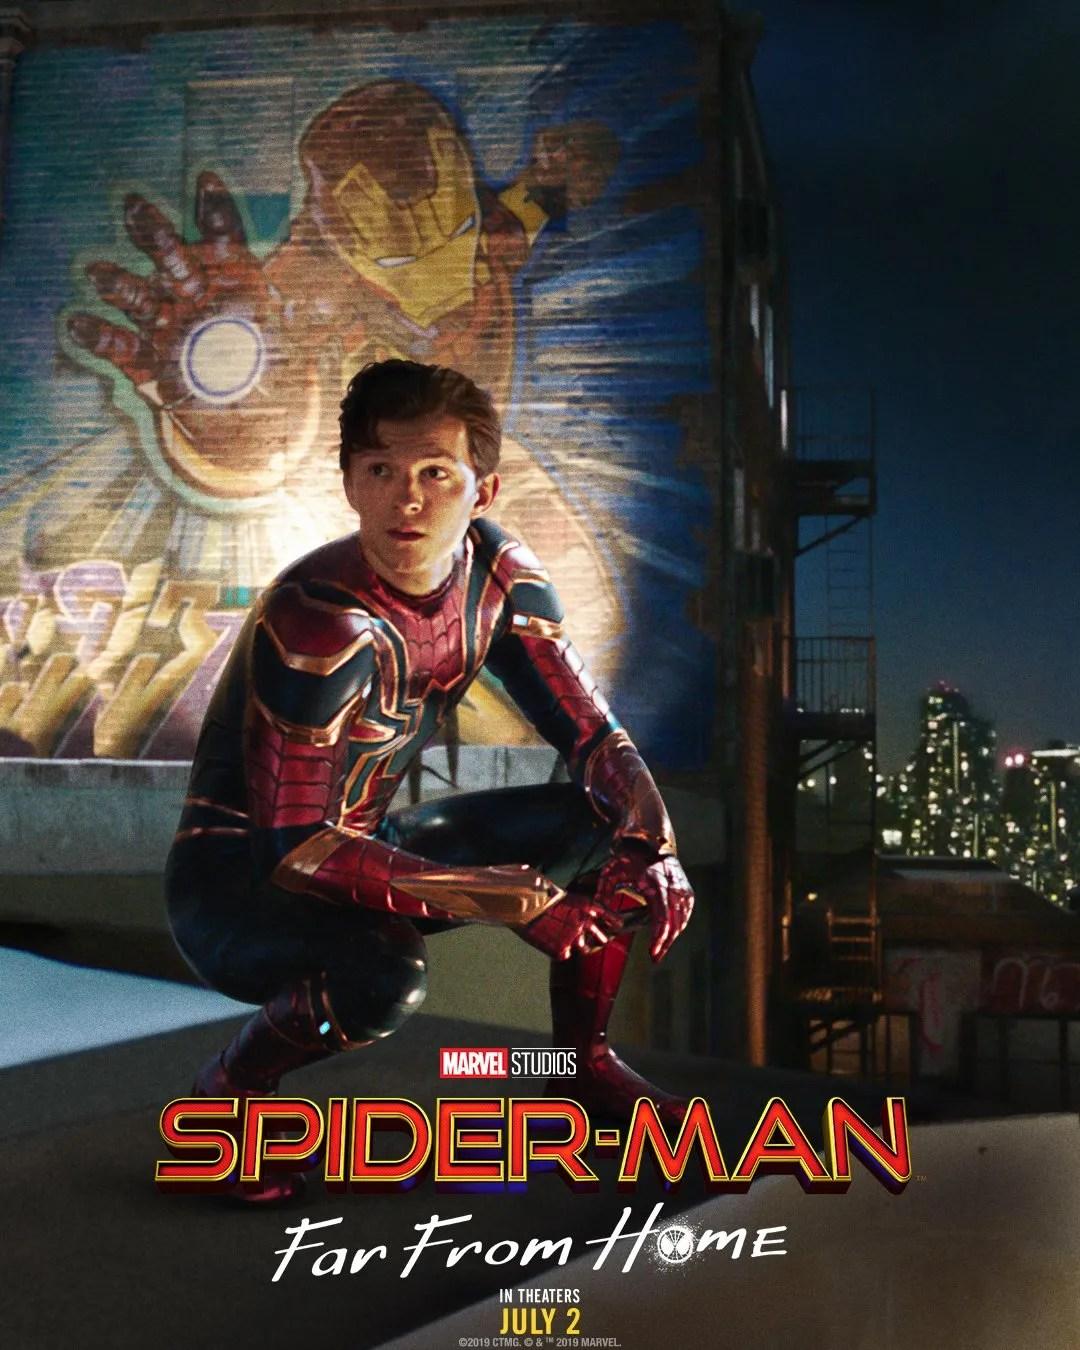 Póster de Spider-Man: Far From Home (2019). Imagen: Spider-Man Twitter (@SpiderManMovie).